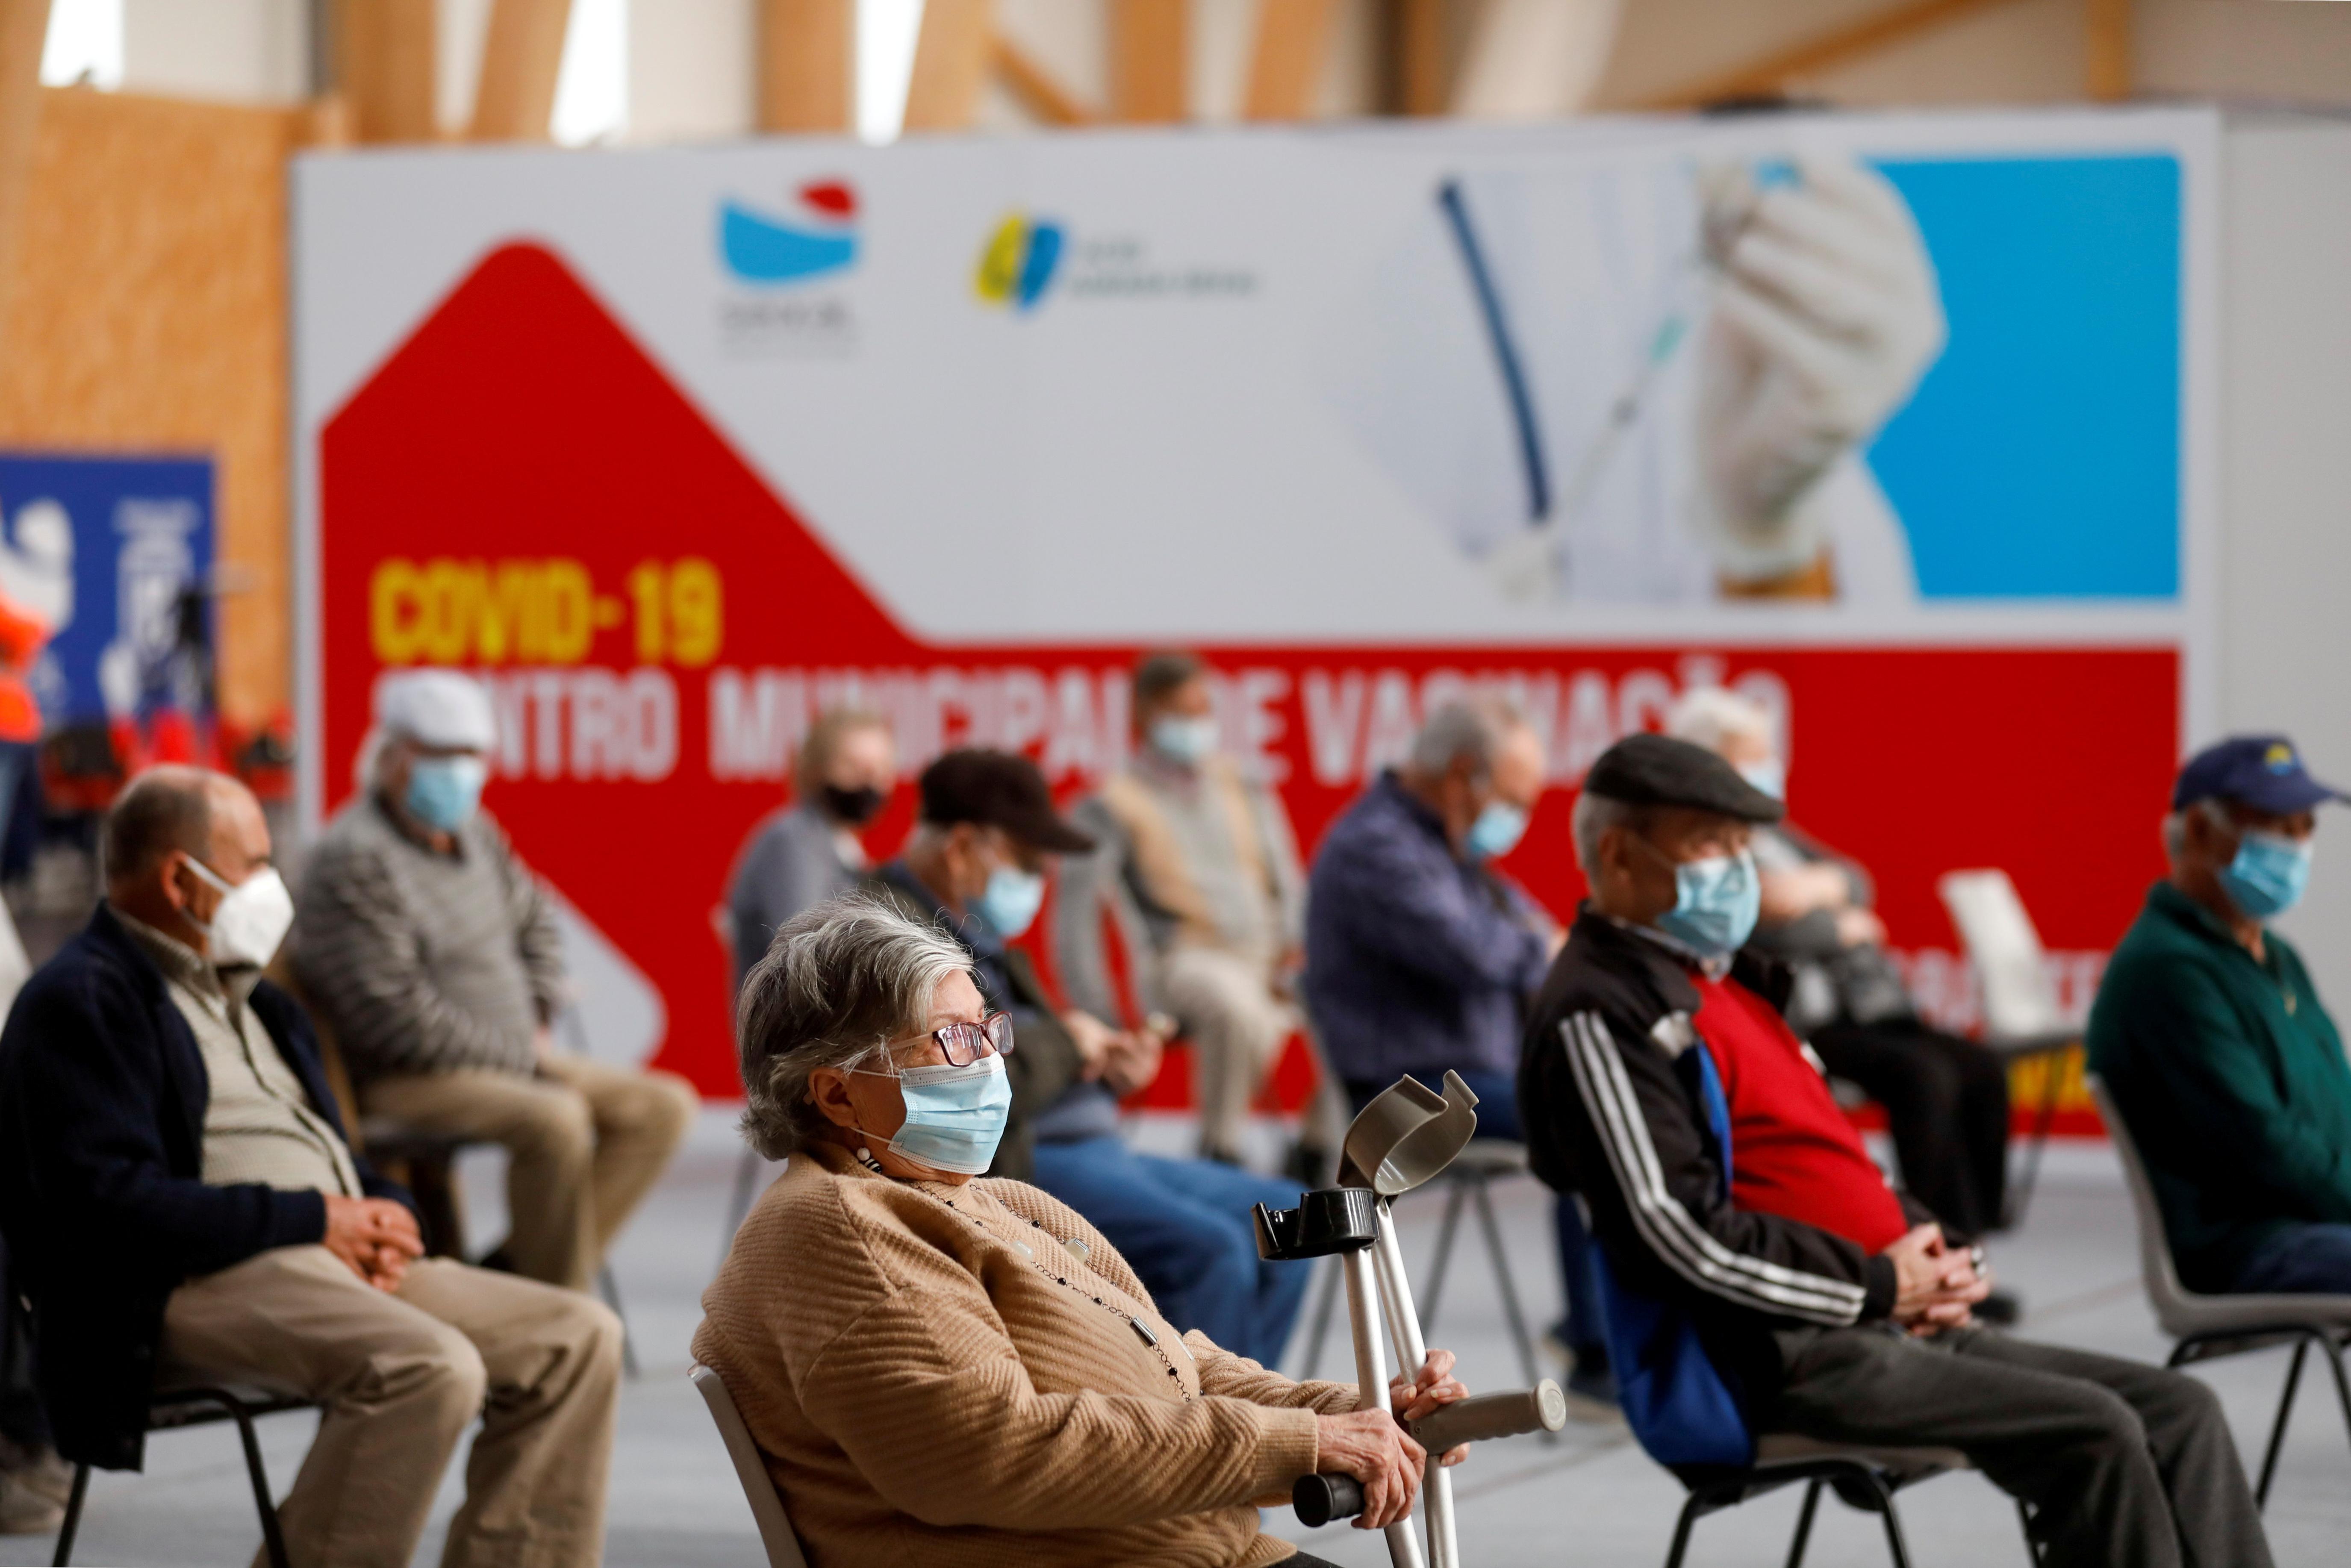 欧洲多国已对阿斯利康疫苗施打年龄提出建议,其中葡萄牙只让60岁以上人士接种阿斯利康疫苗。-路透社-